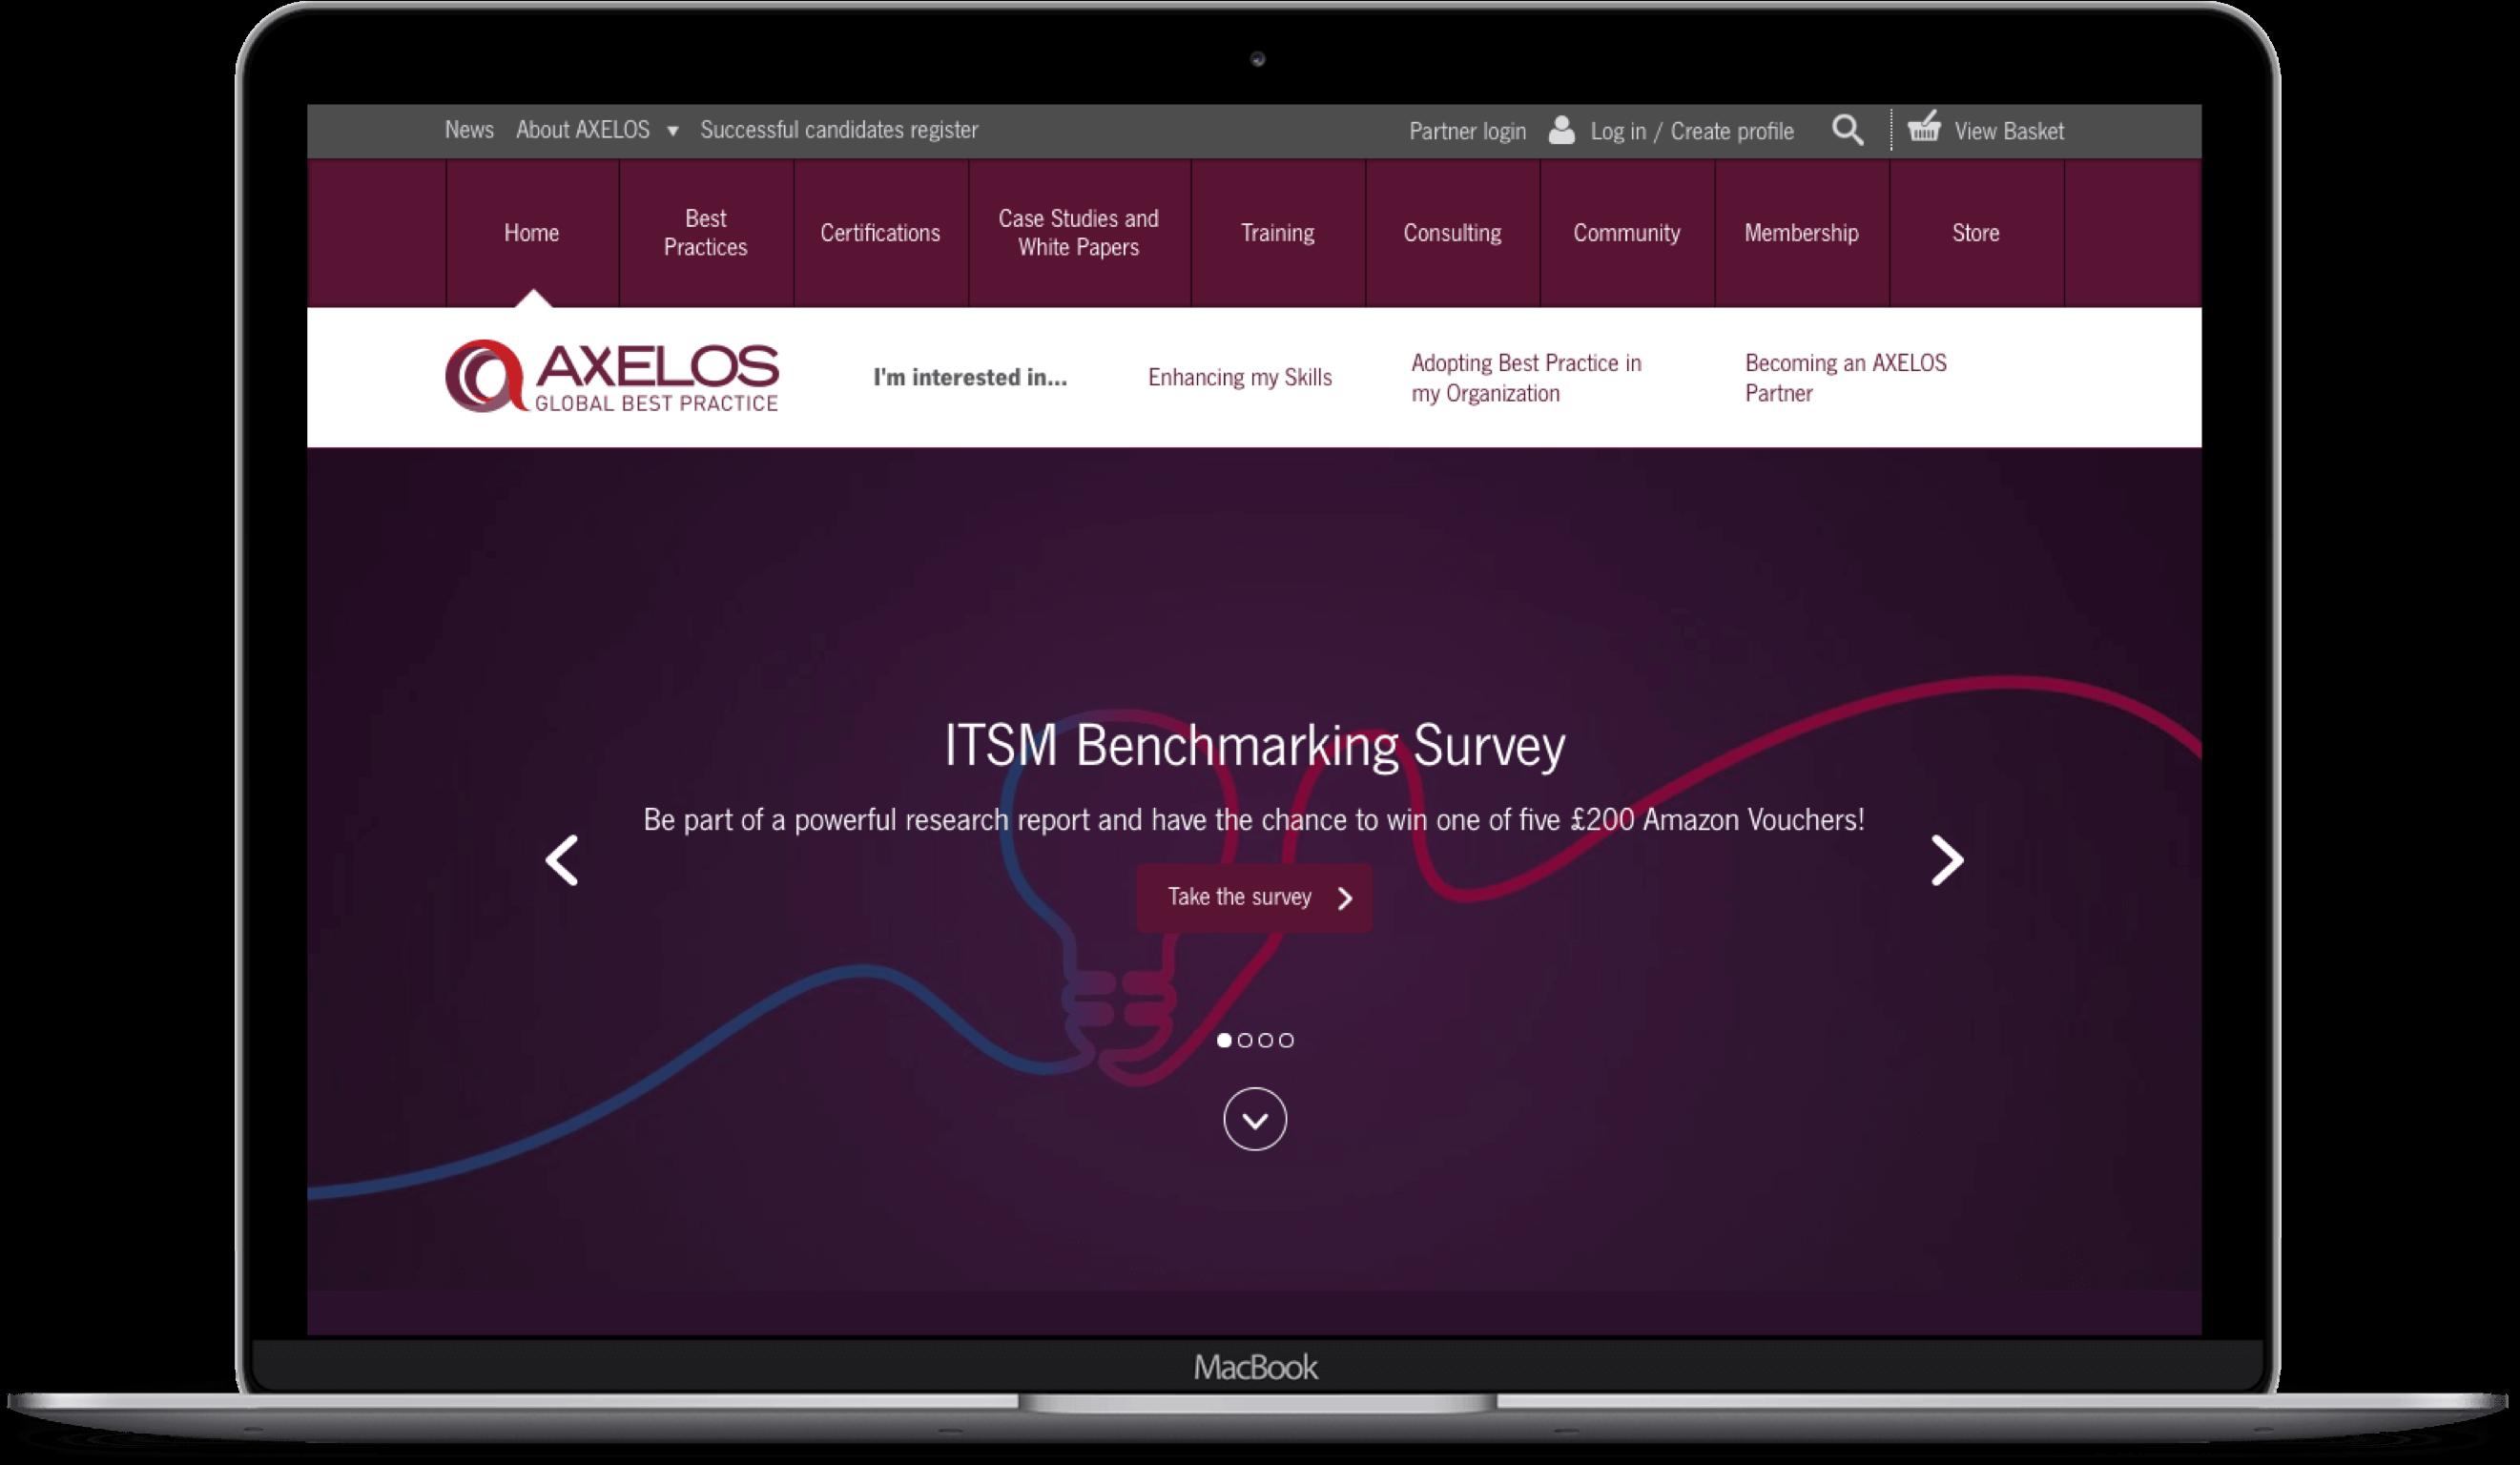 AXELOS Website